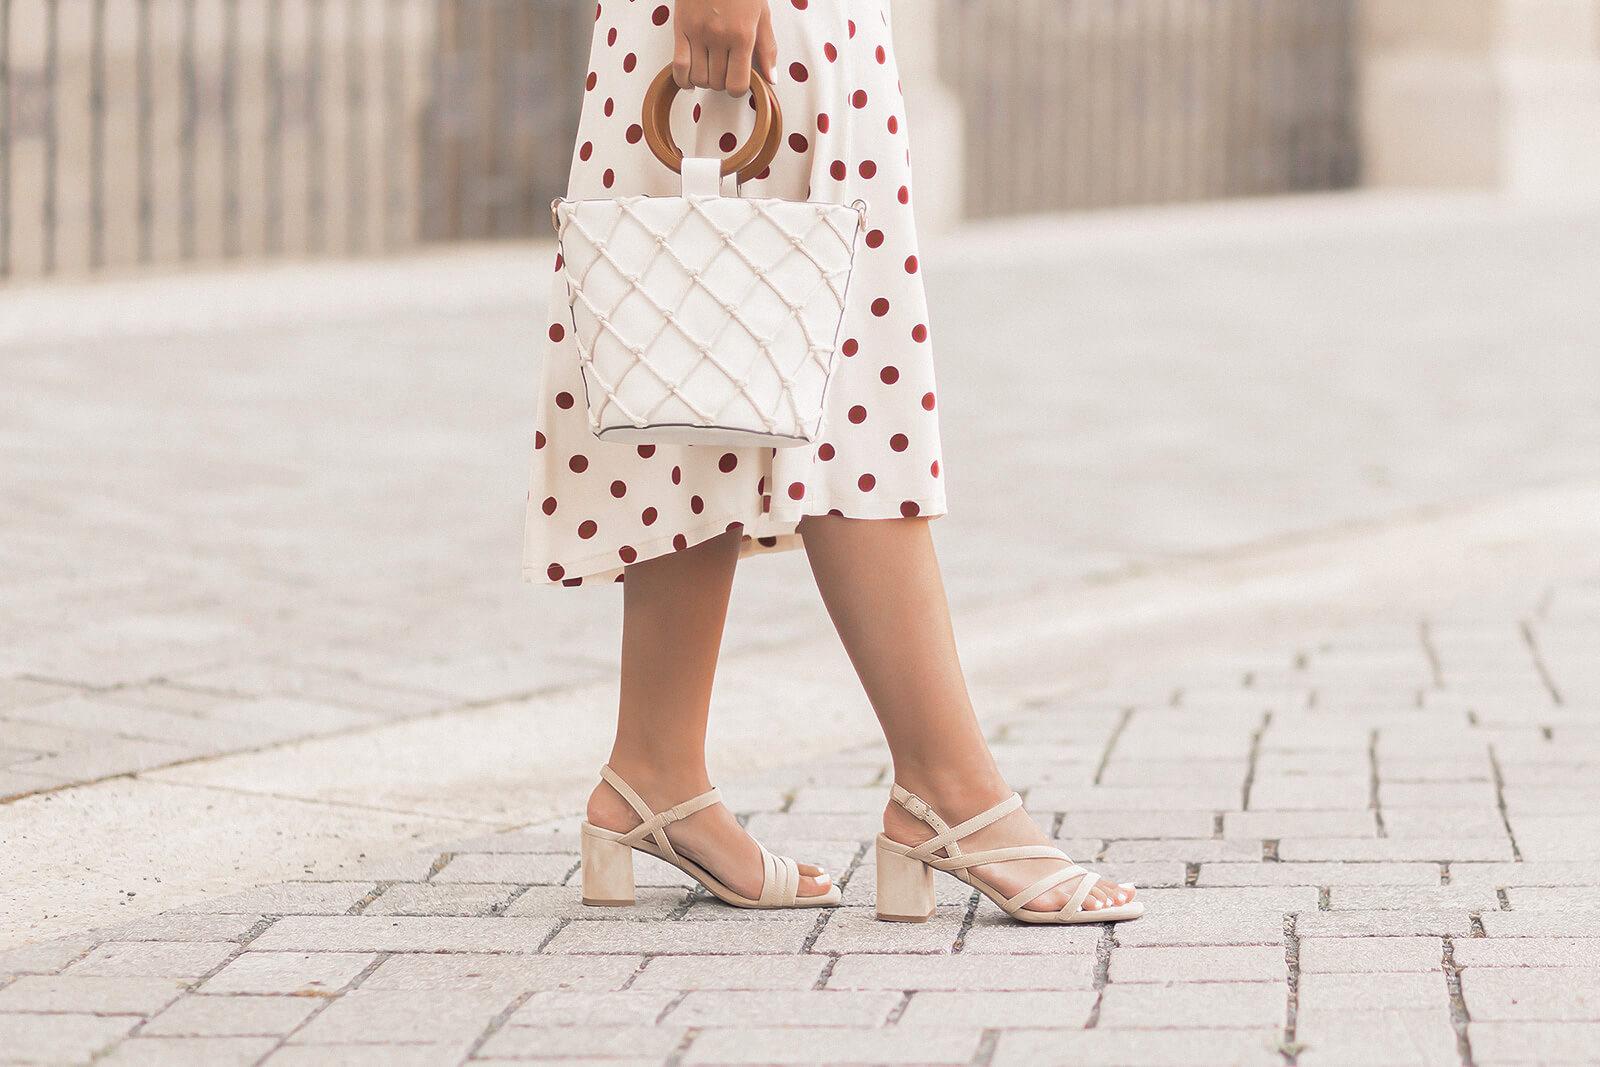 Mode Klassiker im Sommer, Sommer Basics, Sommeroutfit mit Midirock und beigen Sandaletten, Shoelove by Deichmann